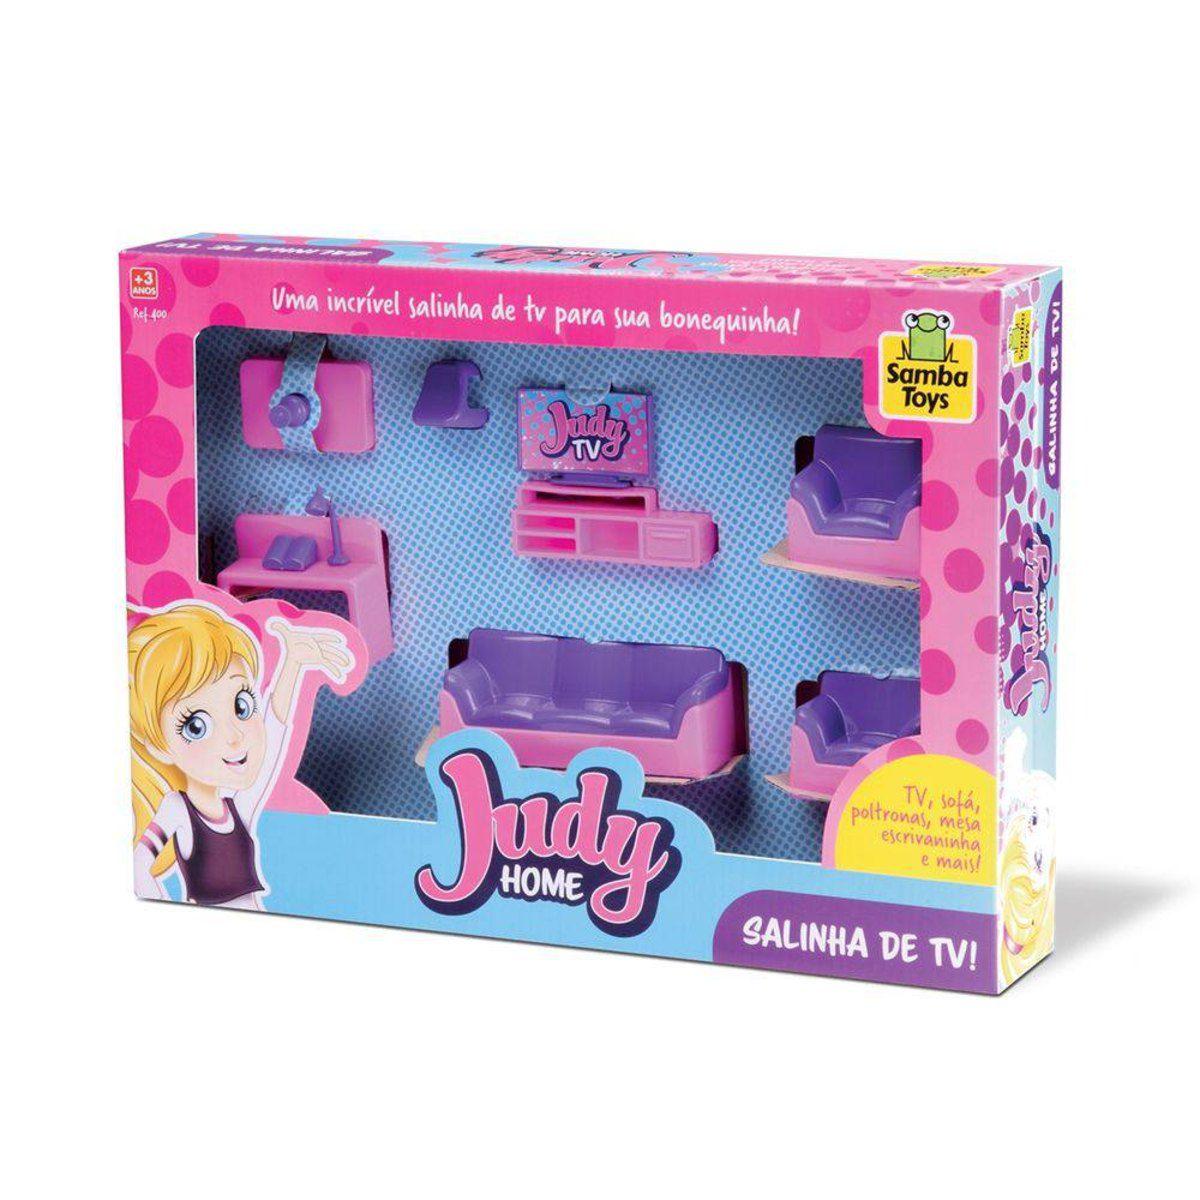 KIT JUDY HOME SALINHA DE TV 400